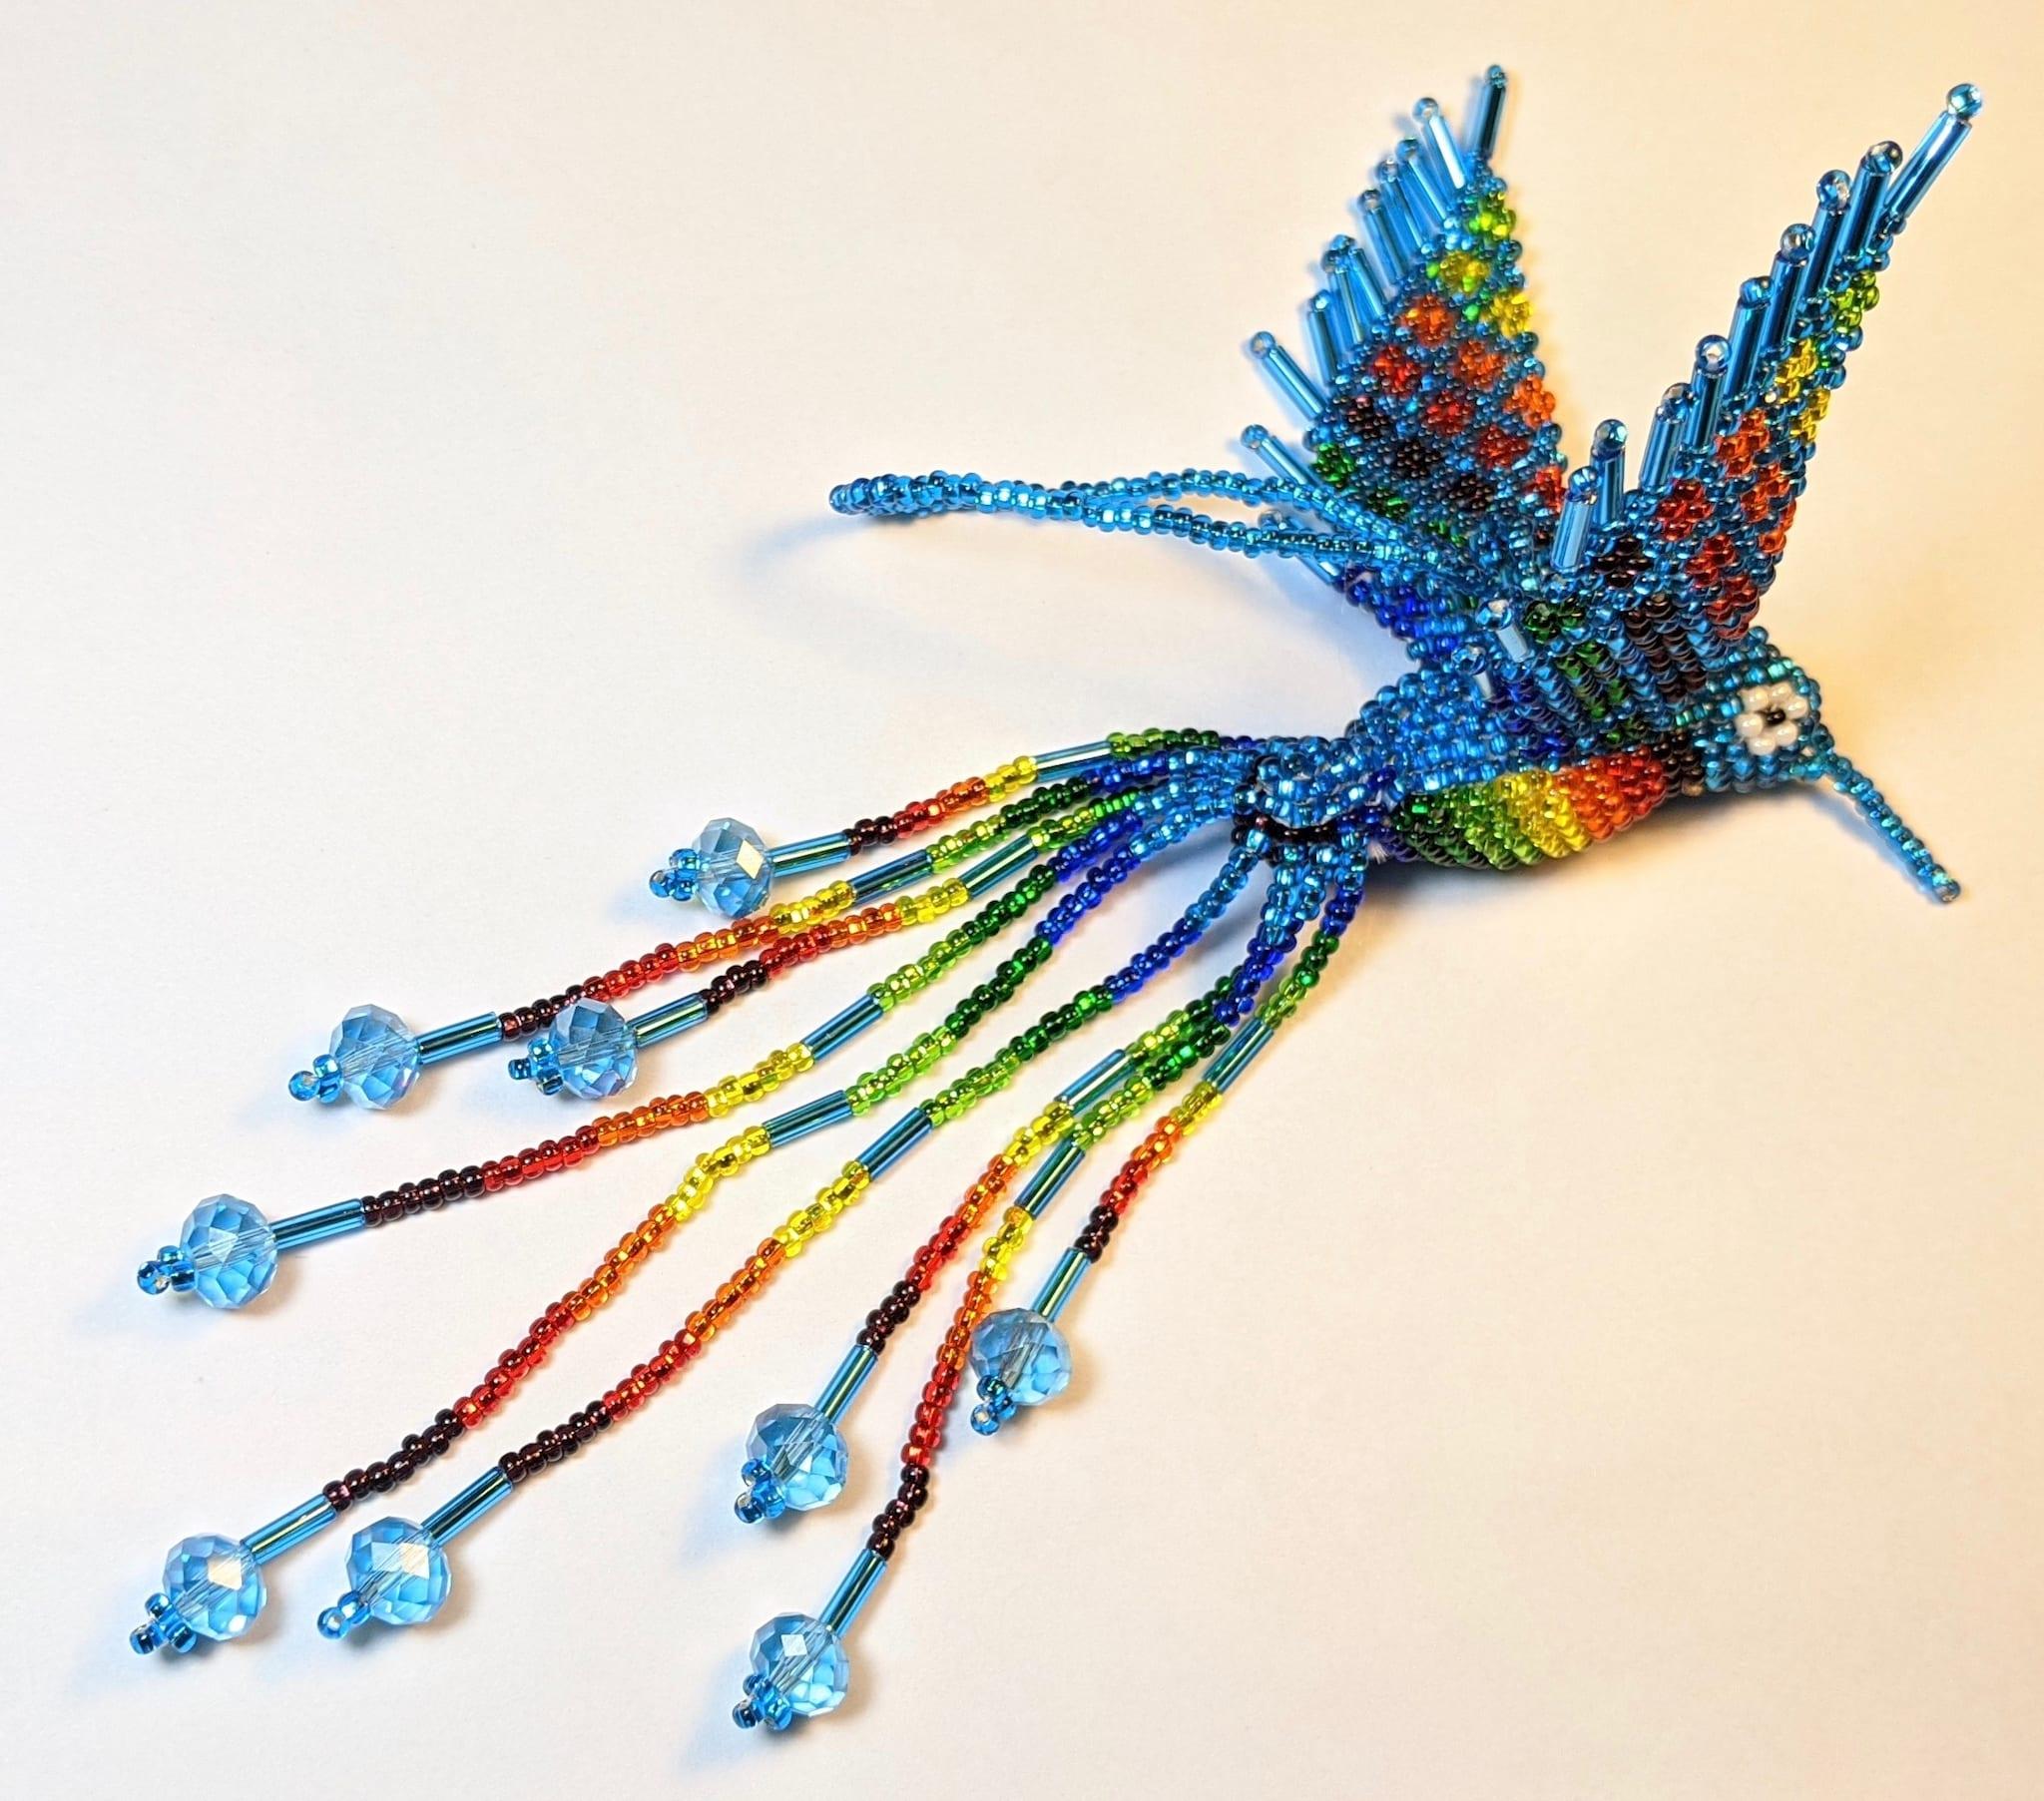 Hummingbird Beaded Ornament - Rainbow with Celestial Blue